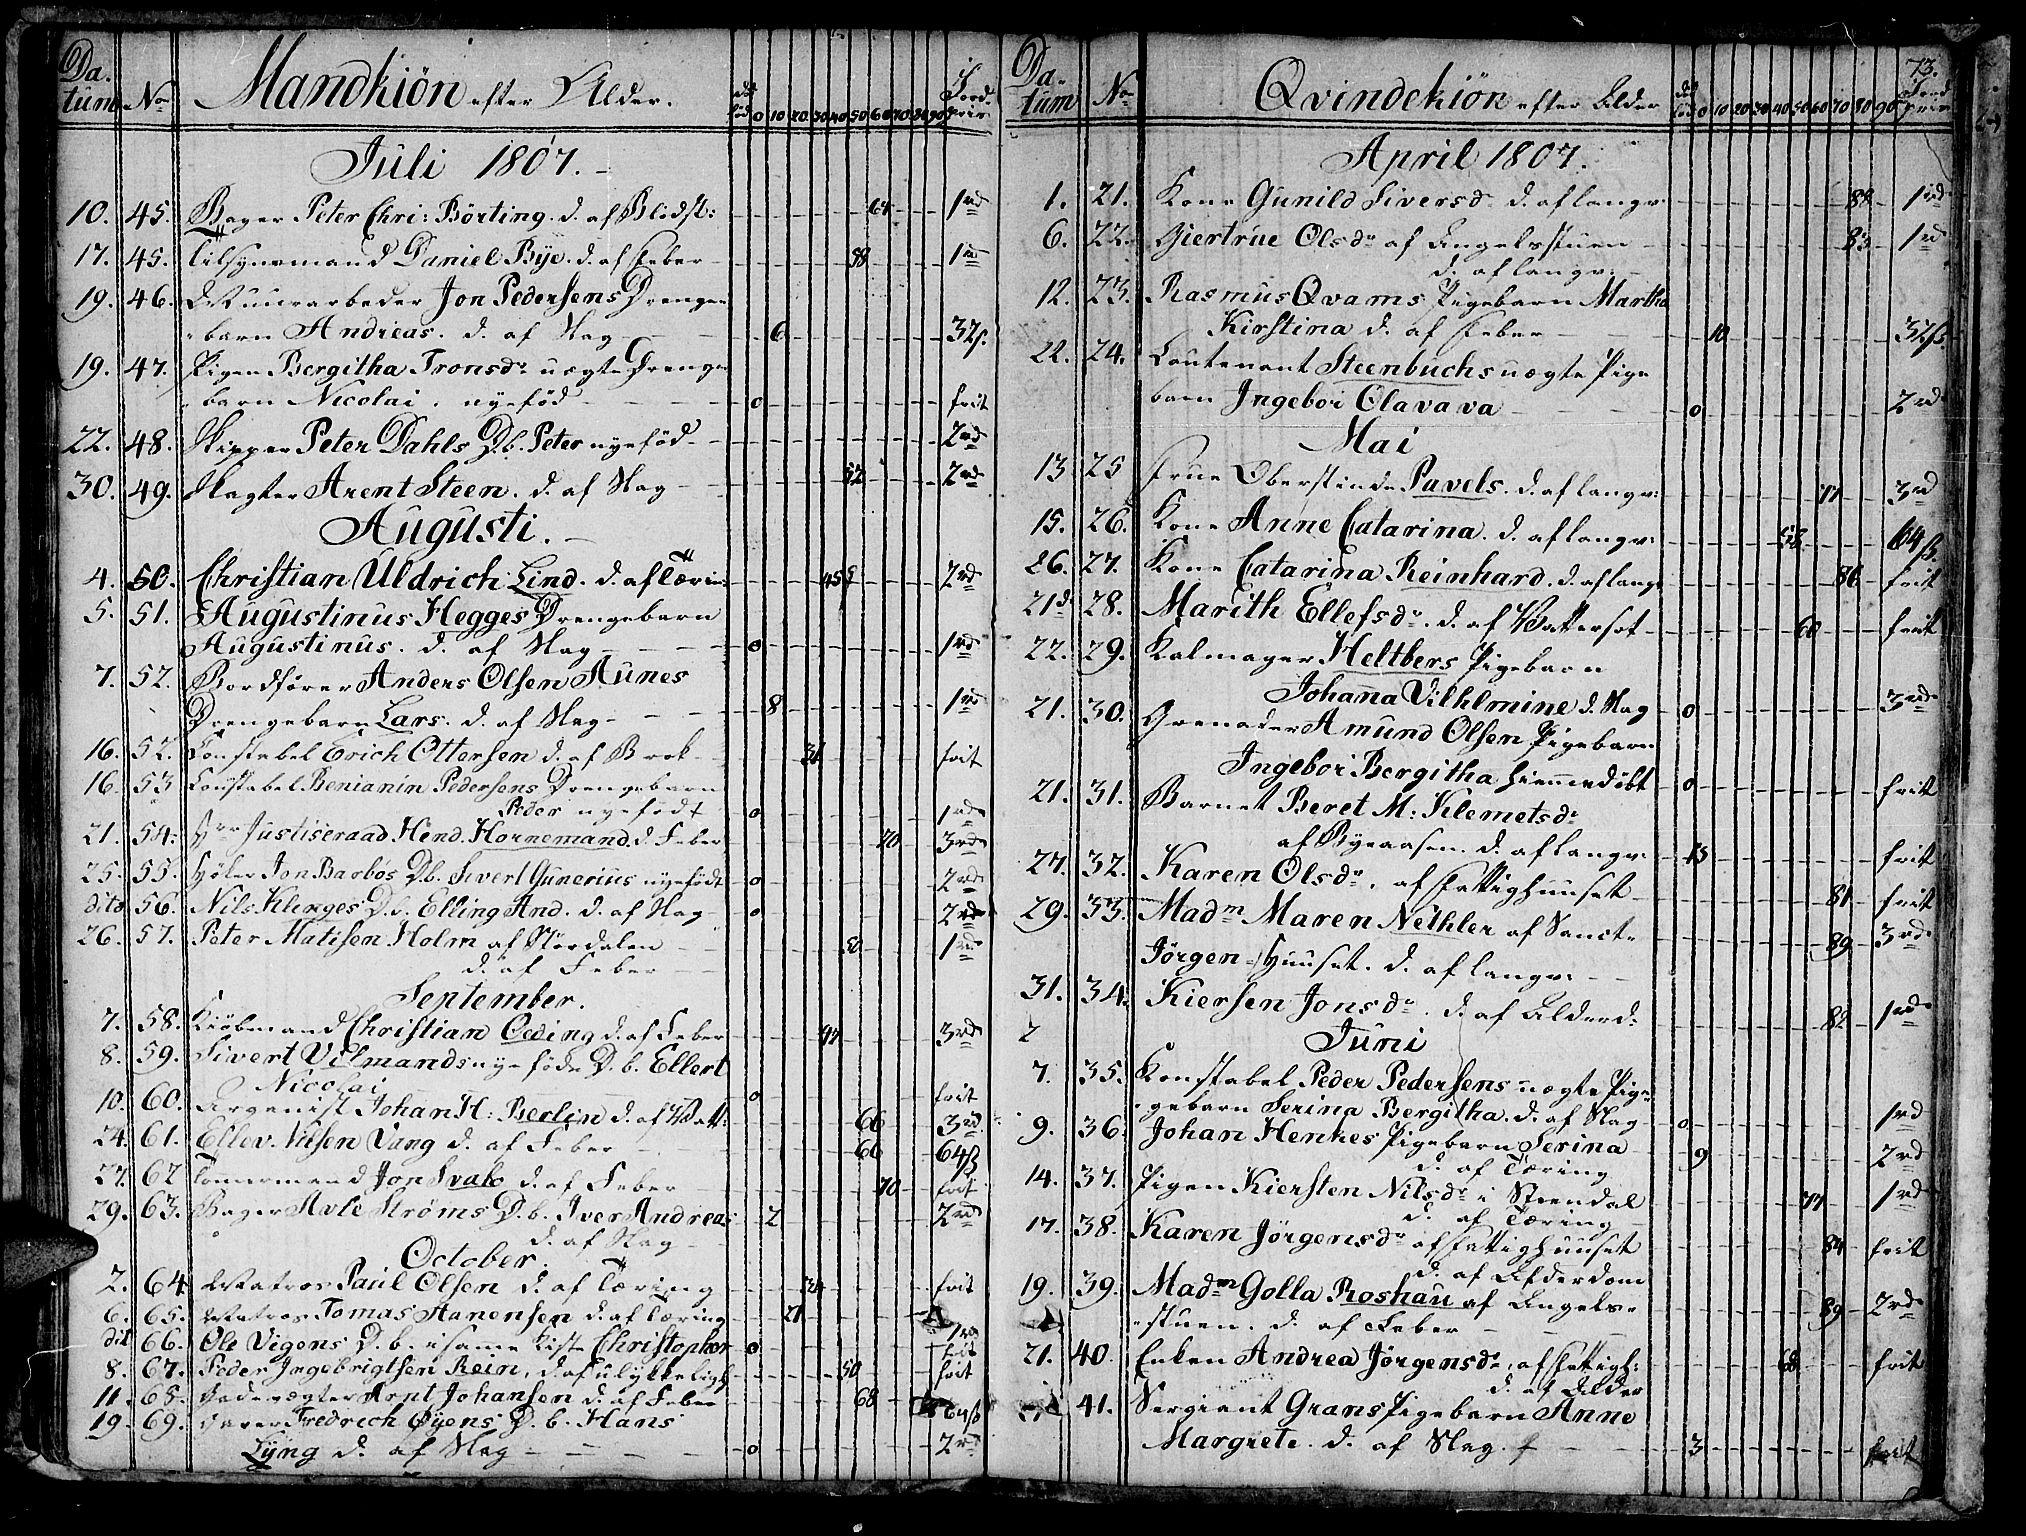 SAT, Ministerialprotokoller, klokkerbøker og fødselsregistre - Sør-Trøndelag, 601/L0040: Ministerialbok nr. 601A08, 1783-1818, s. 73